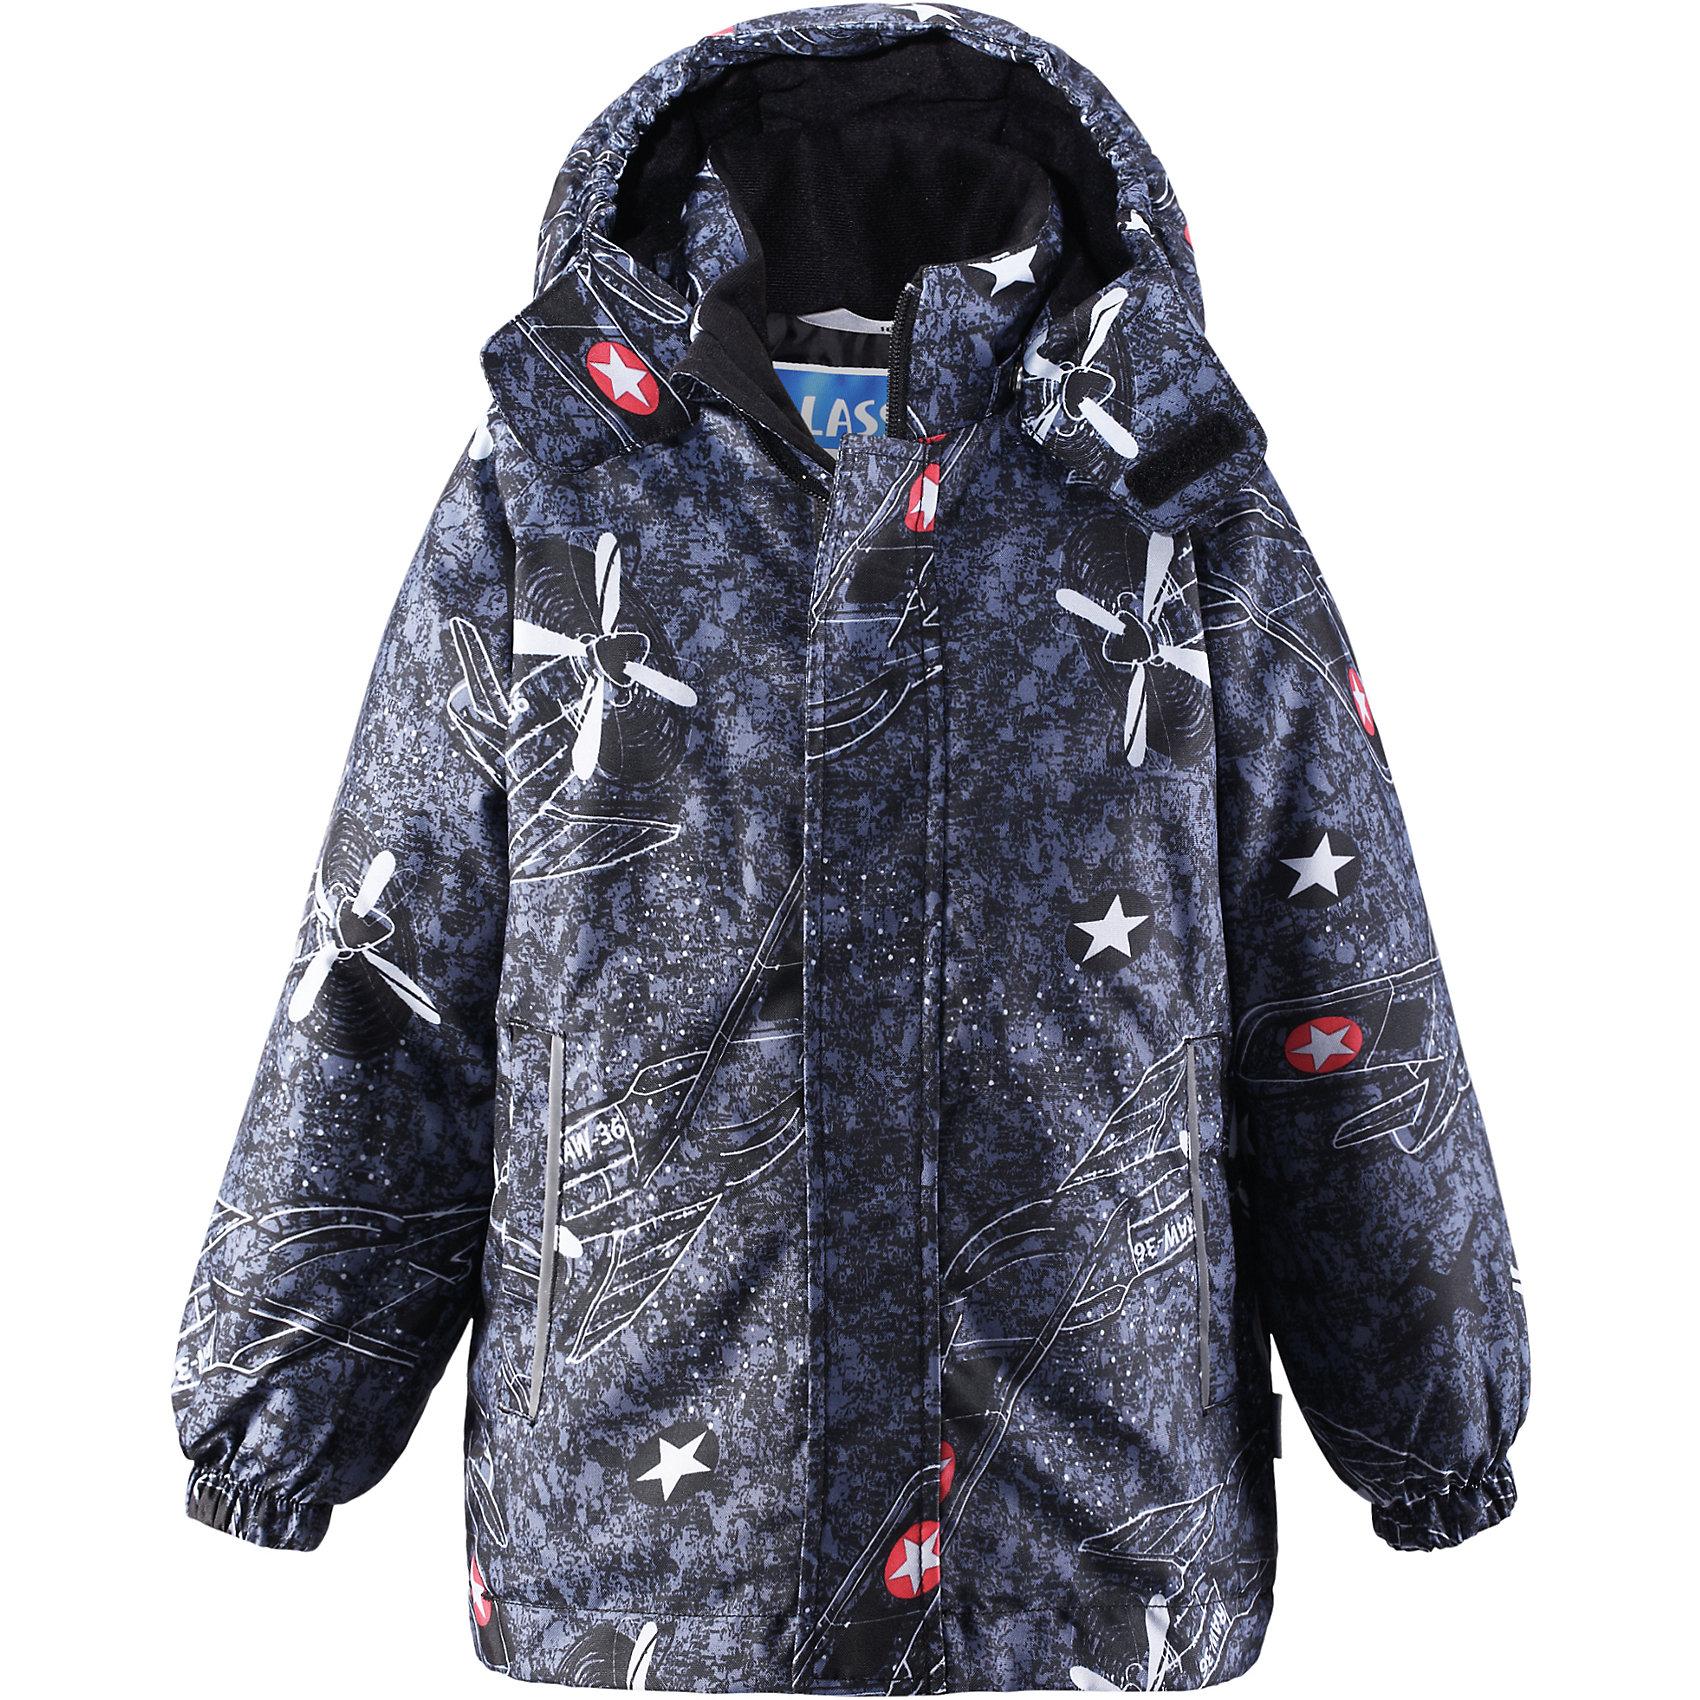 Куртка для мальчика LASSIEОдежда<br>Зимняя куртка для детей известной финской марки.<br><br>- Прочный материал. Водоотталкивающий, ветронепроницаемый, «дышащий» и грязеотталкивающий материал. <br>- Крой для девочек. <br>- Гладкая подкладка из полиэстра.<br>- Средняя степень утепления.<br>-  Безопасный, съемный капюшон. <br>- Эластичные манжеты. Карманы в боковых швах.<br>-  Принт по всей поверхности.  <br><br>Рекомендации по уходу: Стирать по отдельности, вывернув наизнанку. Застегнуть молнии и липучки. Соблюдать температуру в соответствии с руководством по уходу. Стирать моющим средством, не содержащим отбеливающие вещества. Полоскать без специального средства. Сушение в сушильном шкафу разрешено при  низкой температуре.<br><br>Состав: 100% Полиамид, полиуретановое покрытие.  Утеплитель «Lassie wadding» 180гр.<br><br>Ширина мм: 356<br>Глубина мм: 10<br>Высота мм: 245<br>Вес г: 519<br>Цвет: черный<br>Возраст от месяцев: 18<br>Возраст до месяцев: 24<br>Пол: Мужской<br>Возраст: Детский<br>Размер: 92,140,98,104,110,116,122,128,134<br>SKU: 4782298